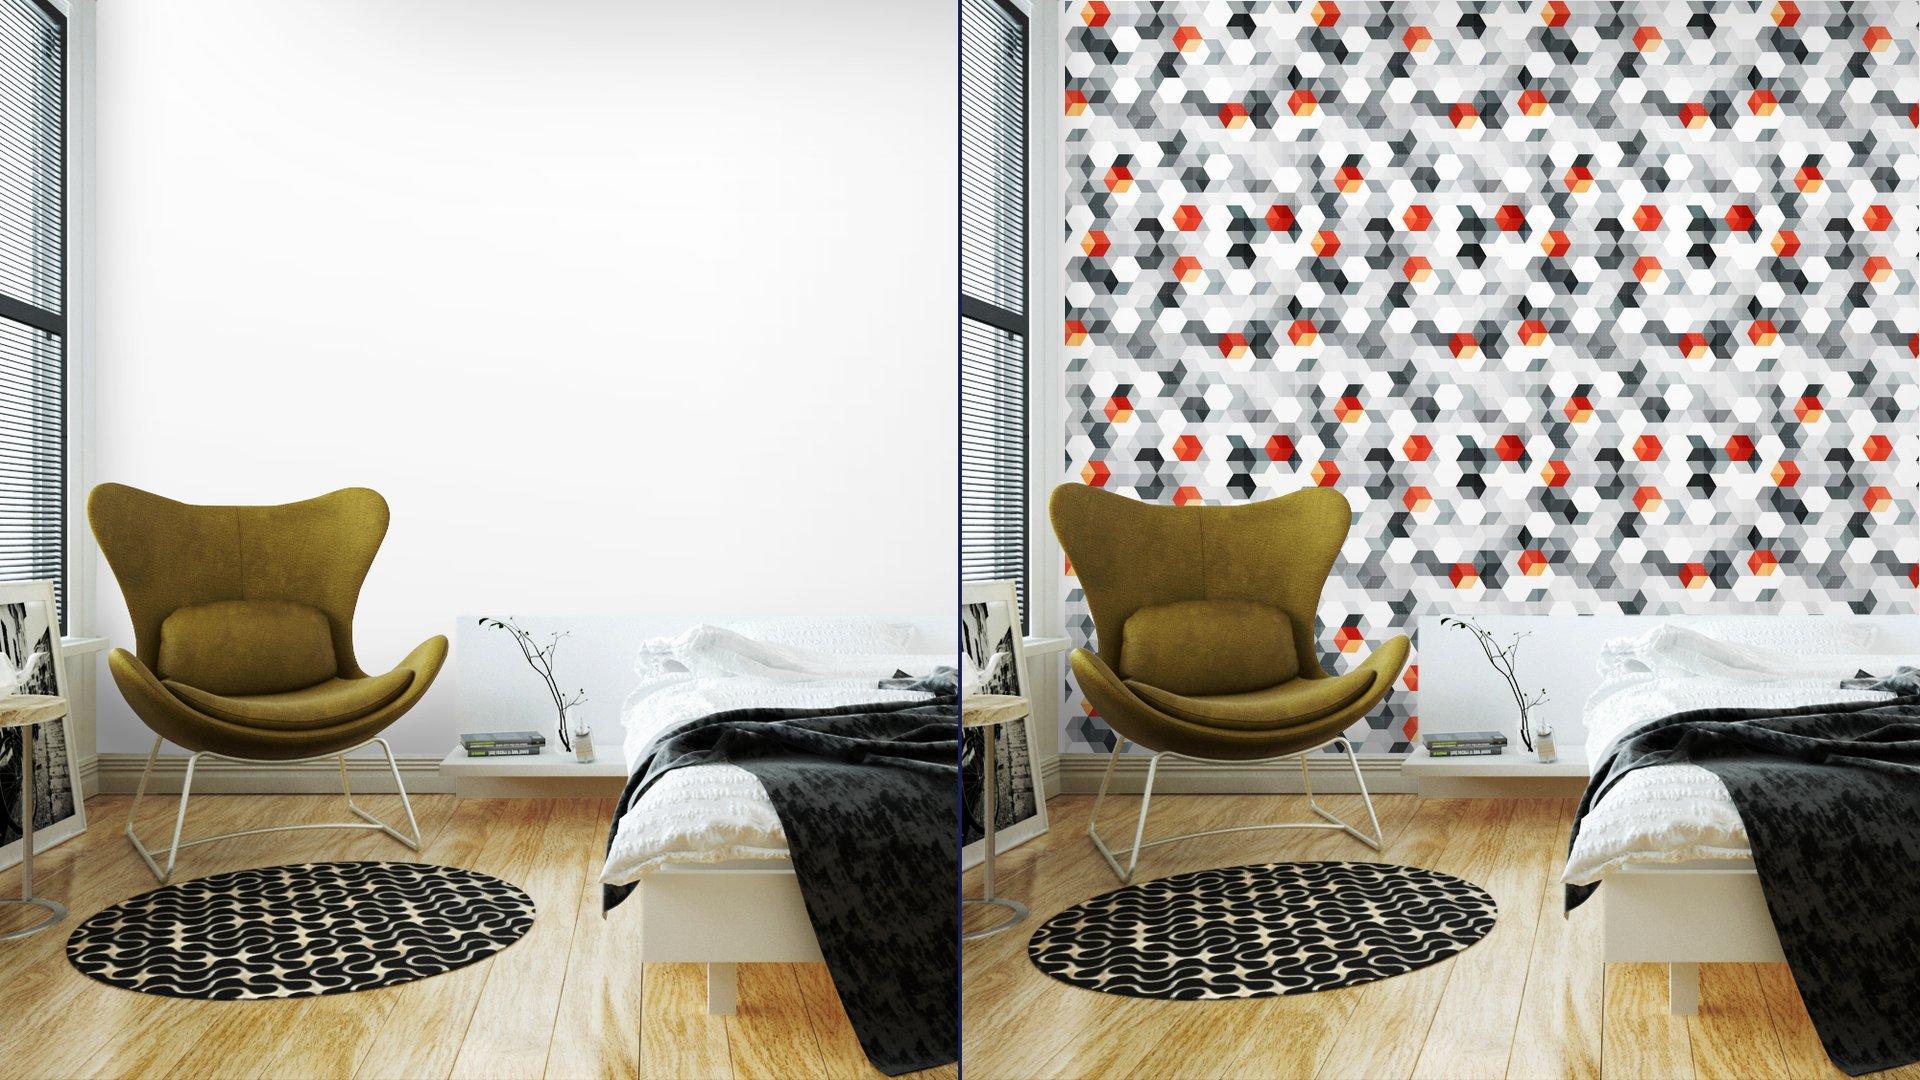 Fotomurales mexico papeles pintados cubos abstractos sin fisuras patron con efecto grunge 2 - Papel Tapiz Cubos Abstractos Con Efecto Grunge 01